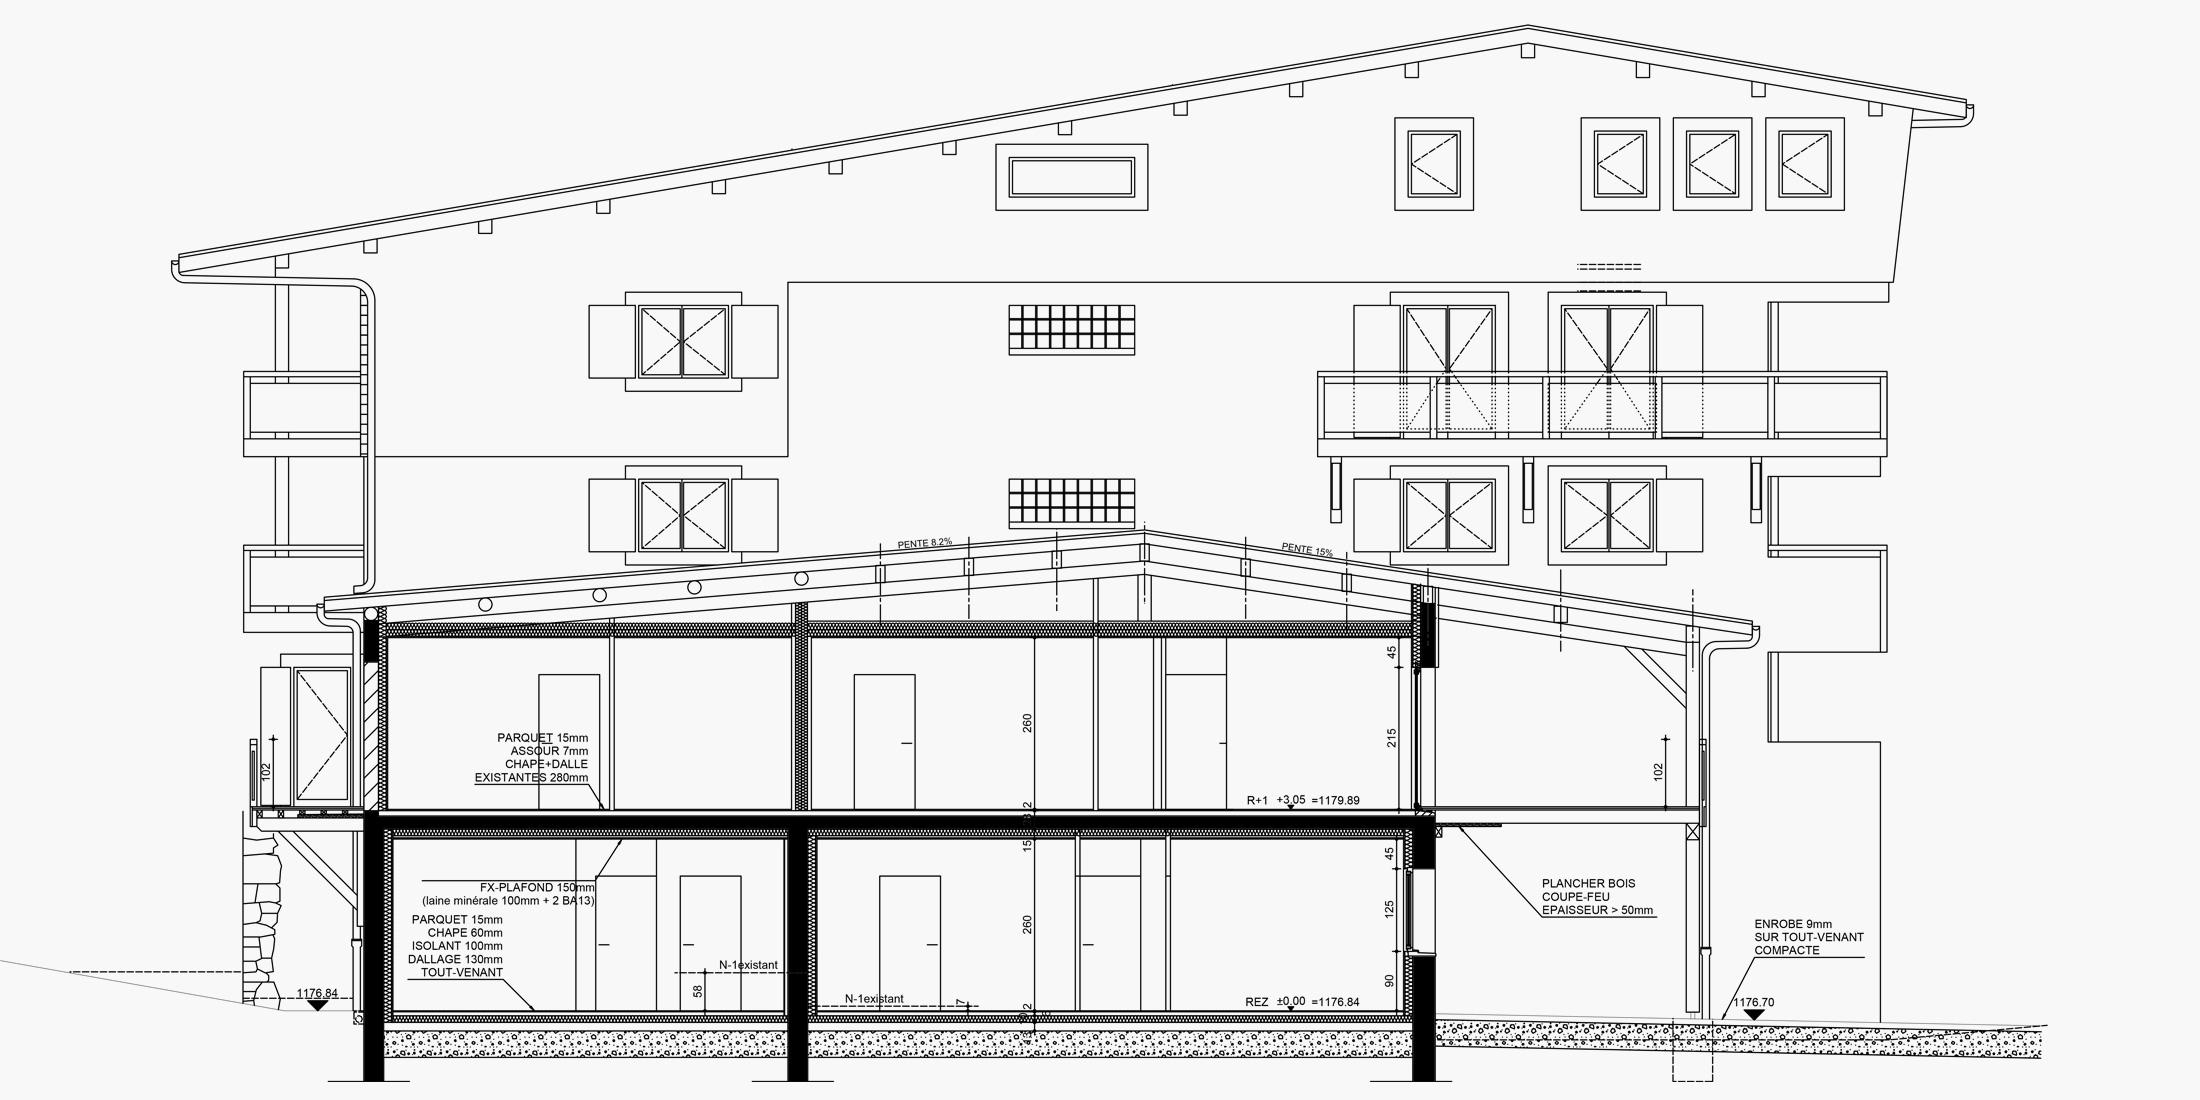 Plan de construction maison 2D et 3D, permis de construire - Savoie Plan